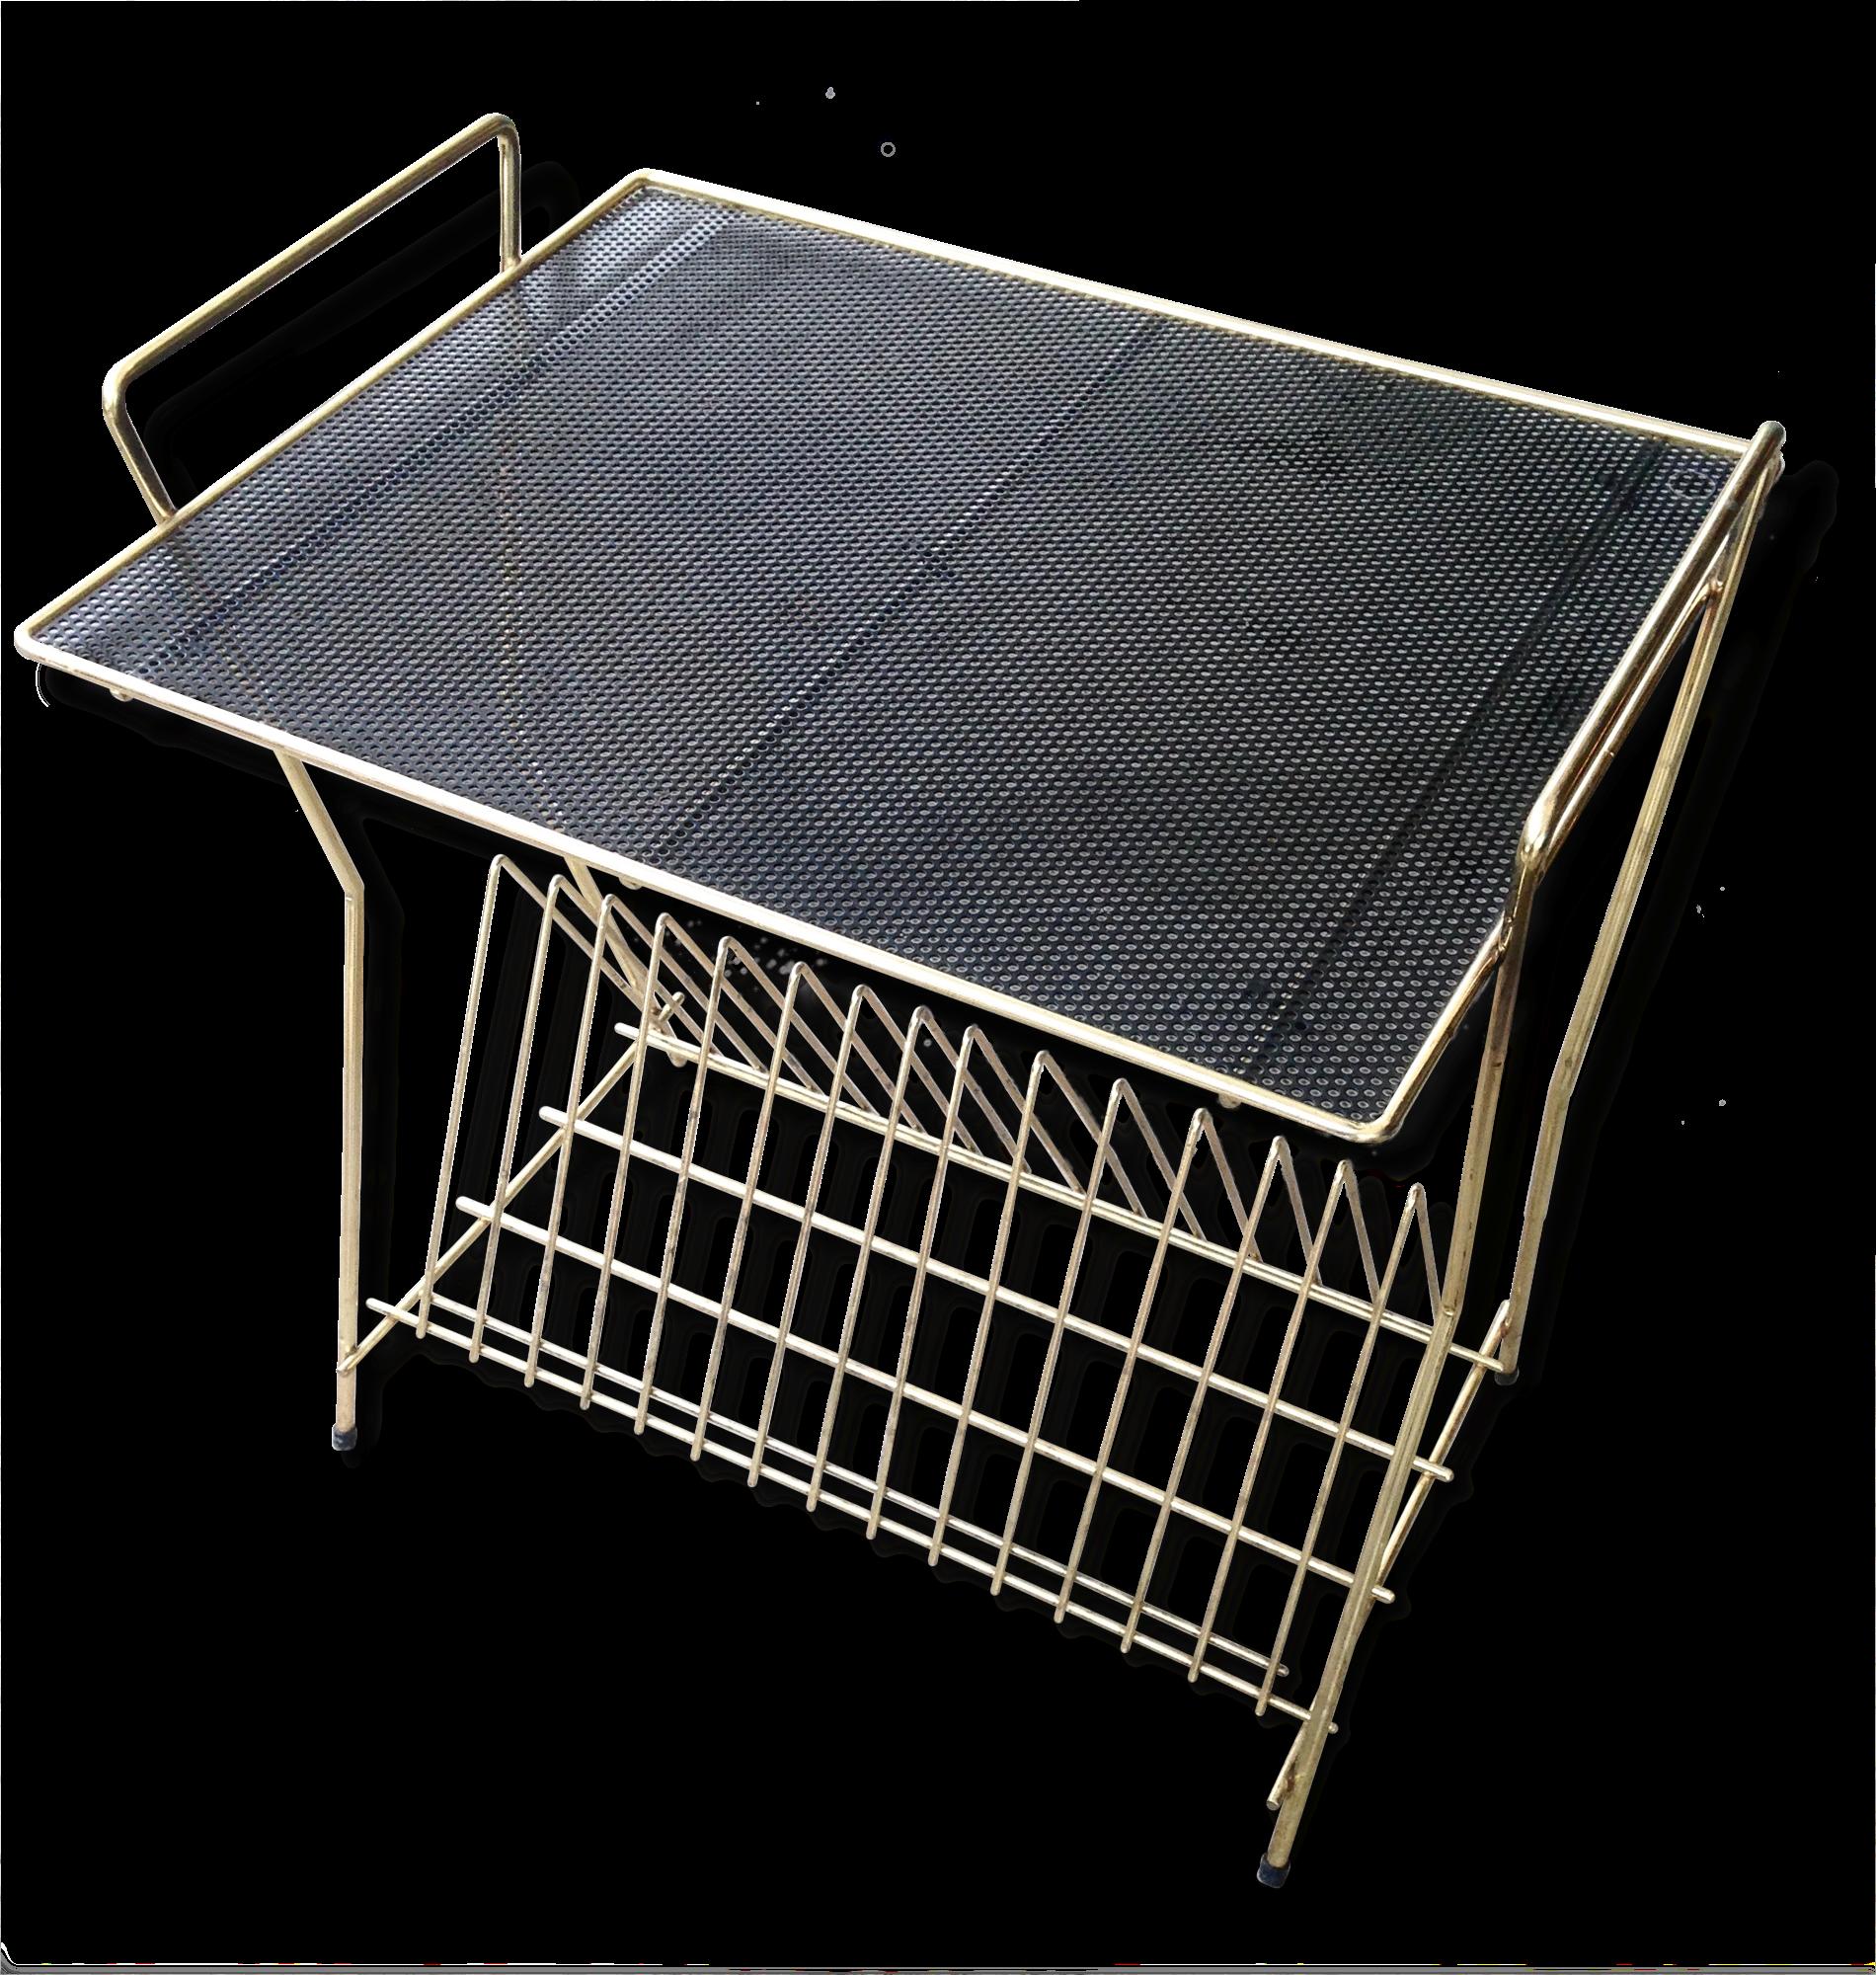 rangement vinyle rangement adapt aux vinyls with rangement vinyle beautiful meuble a vin. Black Bedroom Furniture Sets. Home Design Ideas